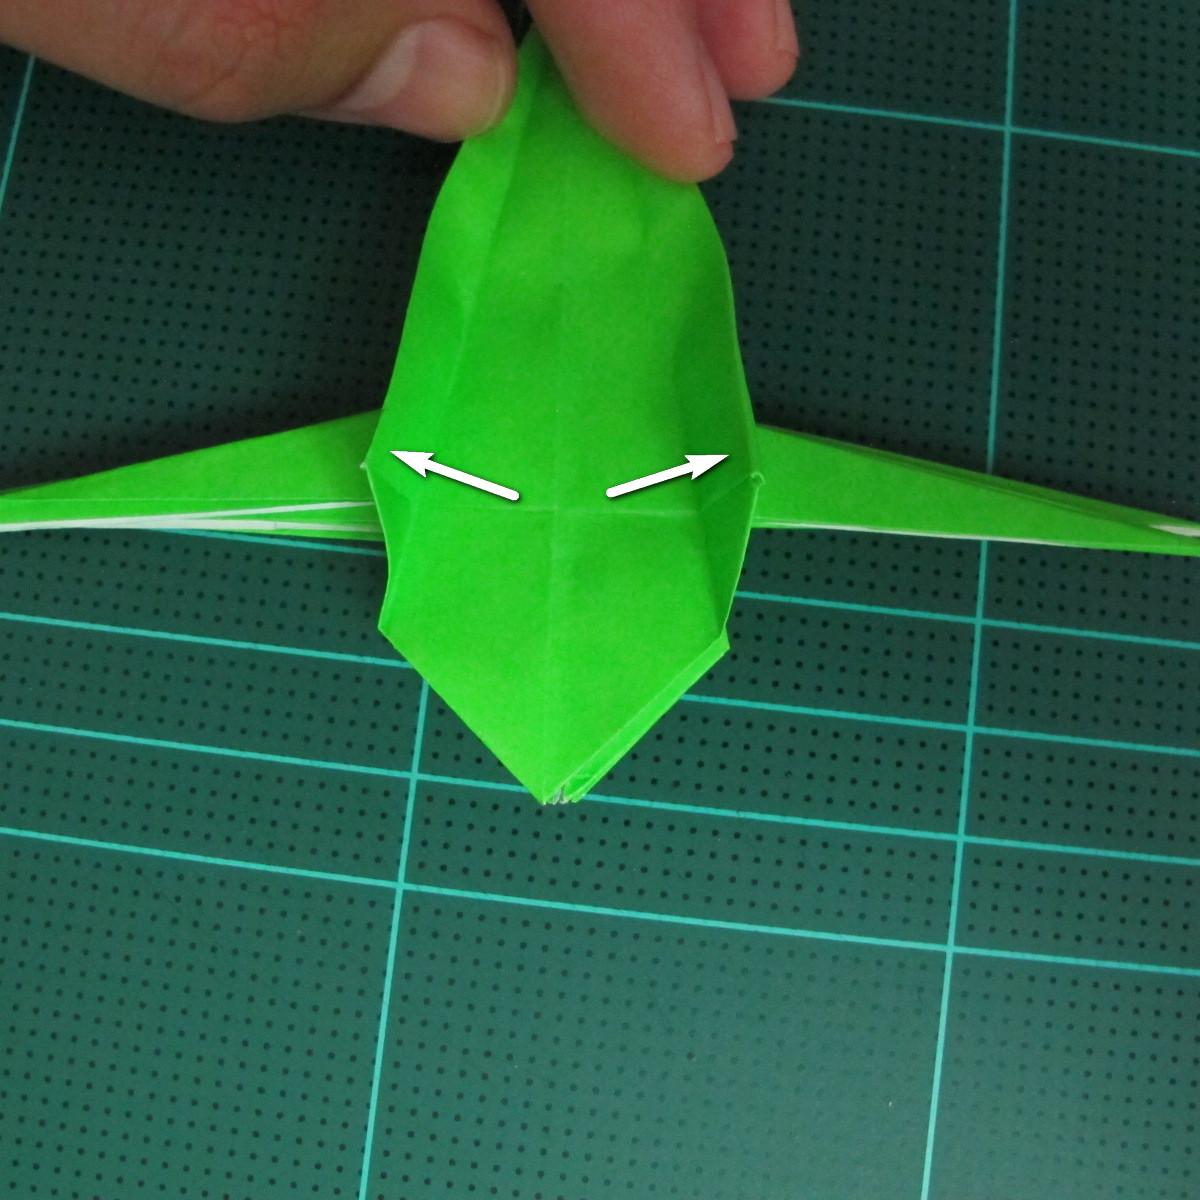 วิธีพับกระดาษเป็นจรวด X-WING สตาร์วอร์ (Origami X-WING) 030